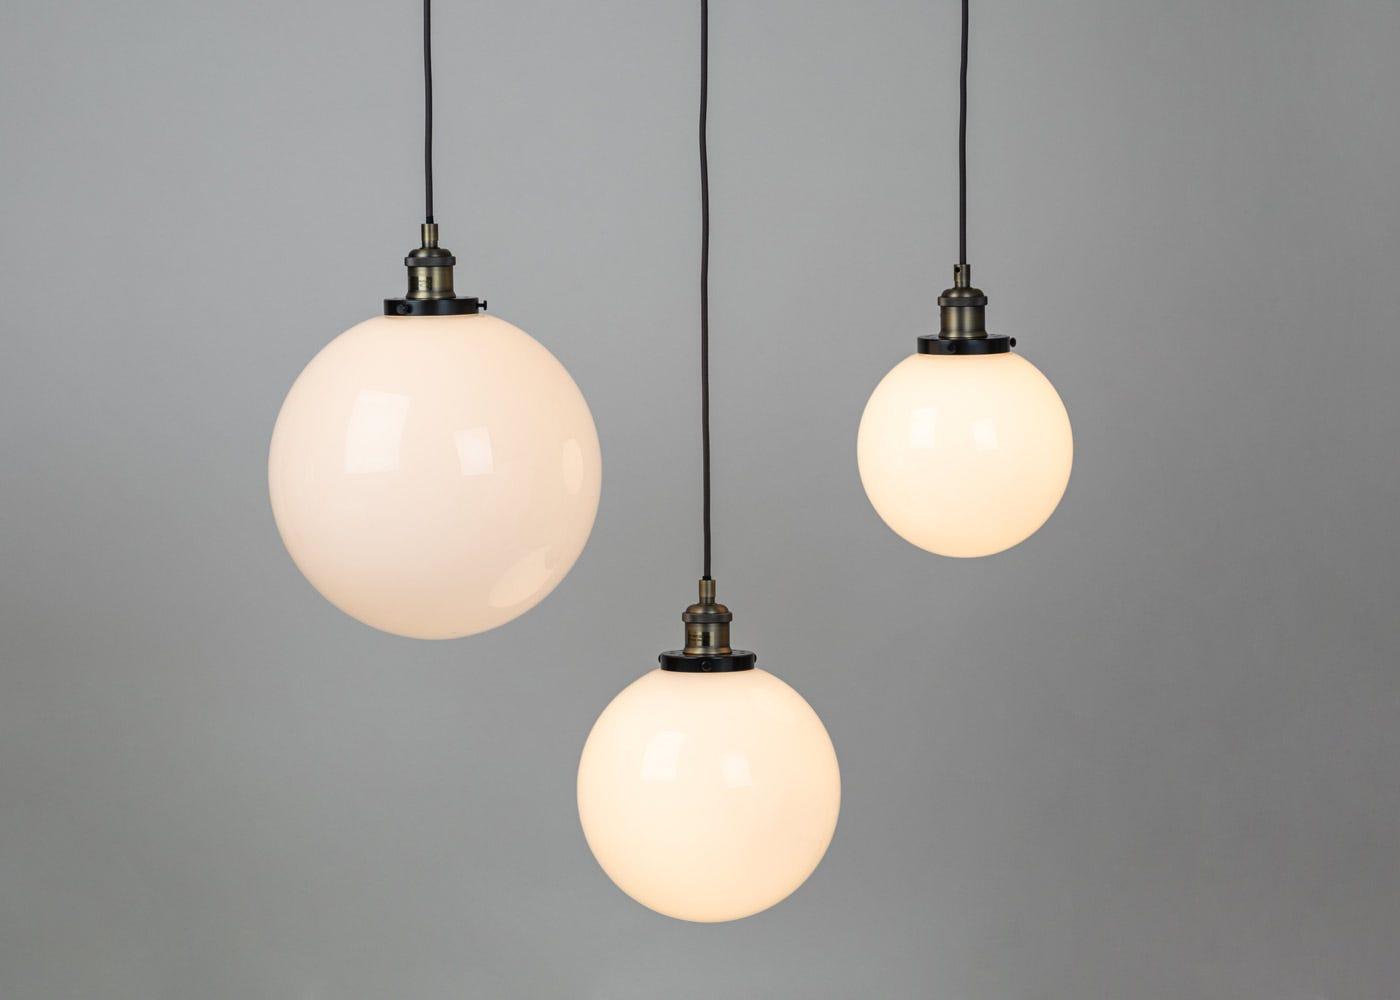 As shown: Olson white globes - On